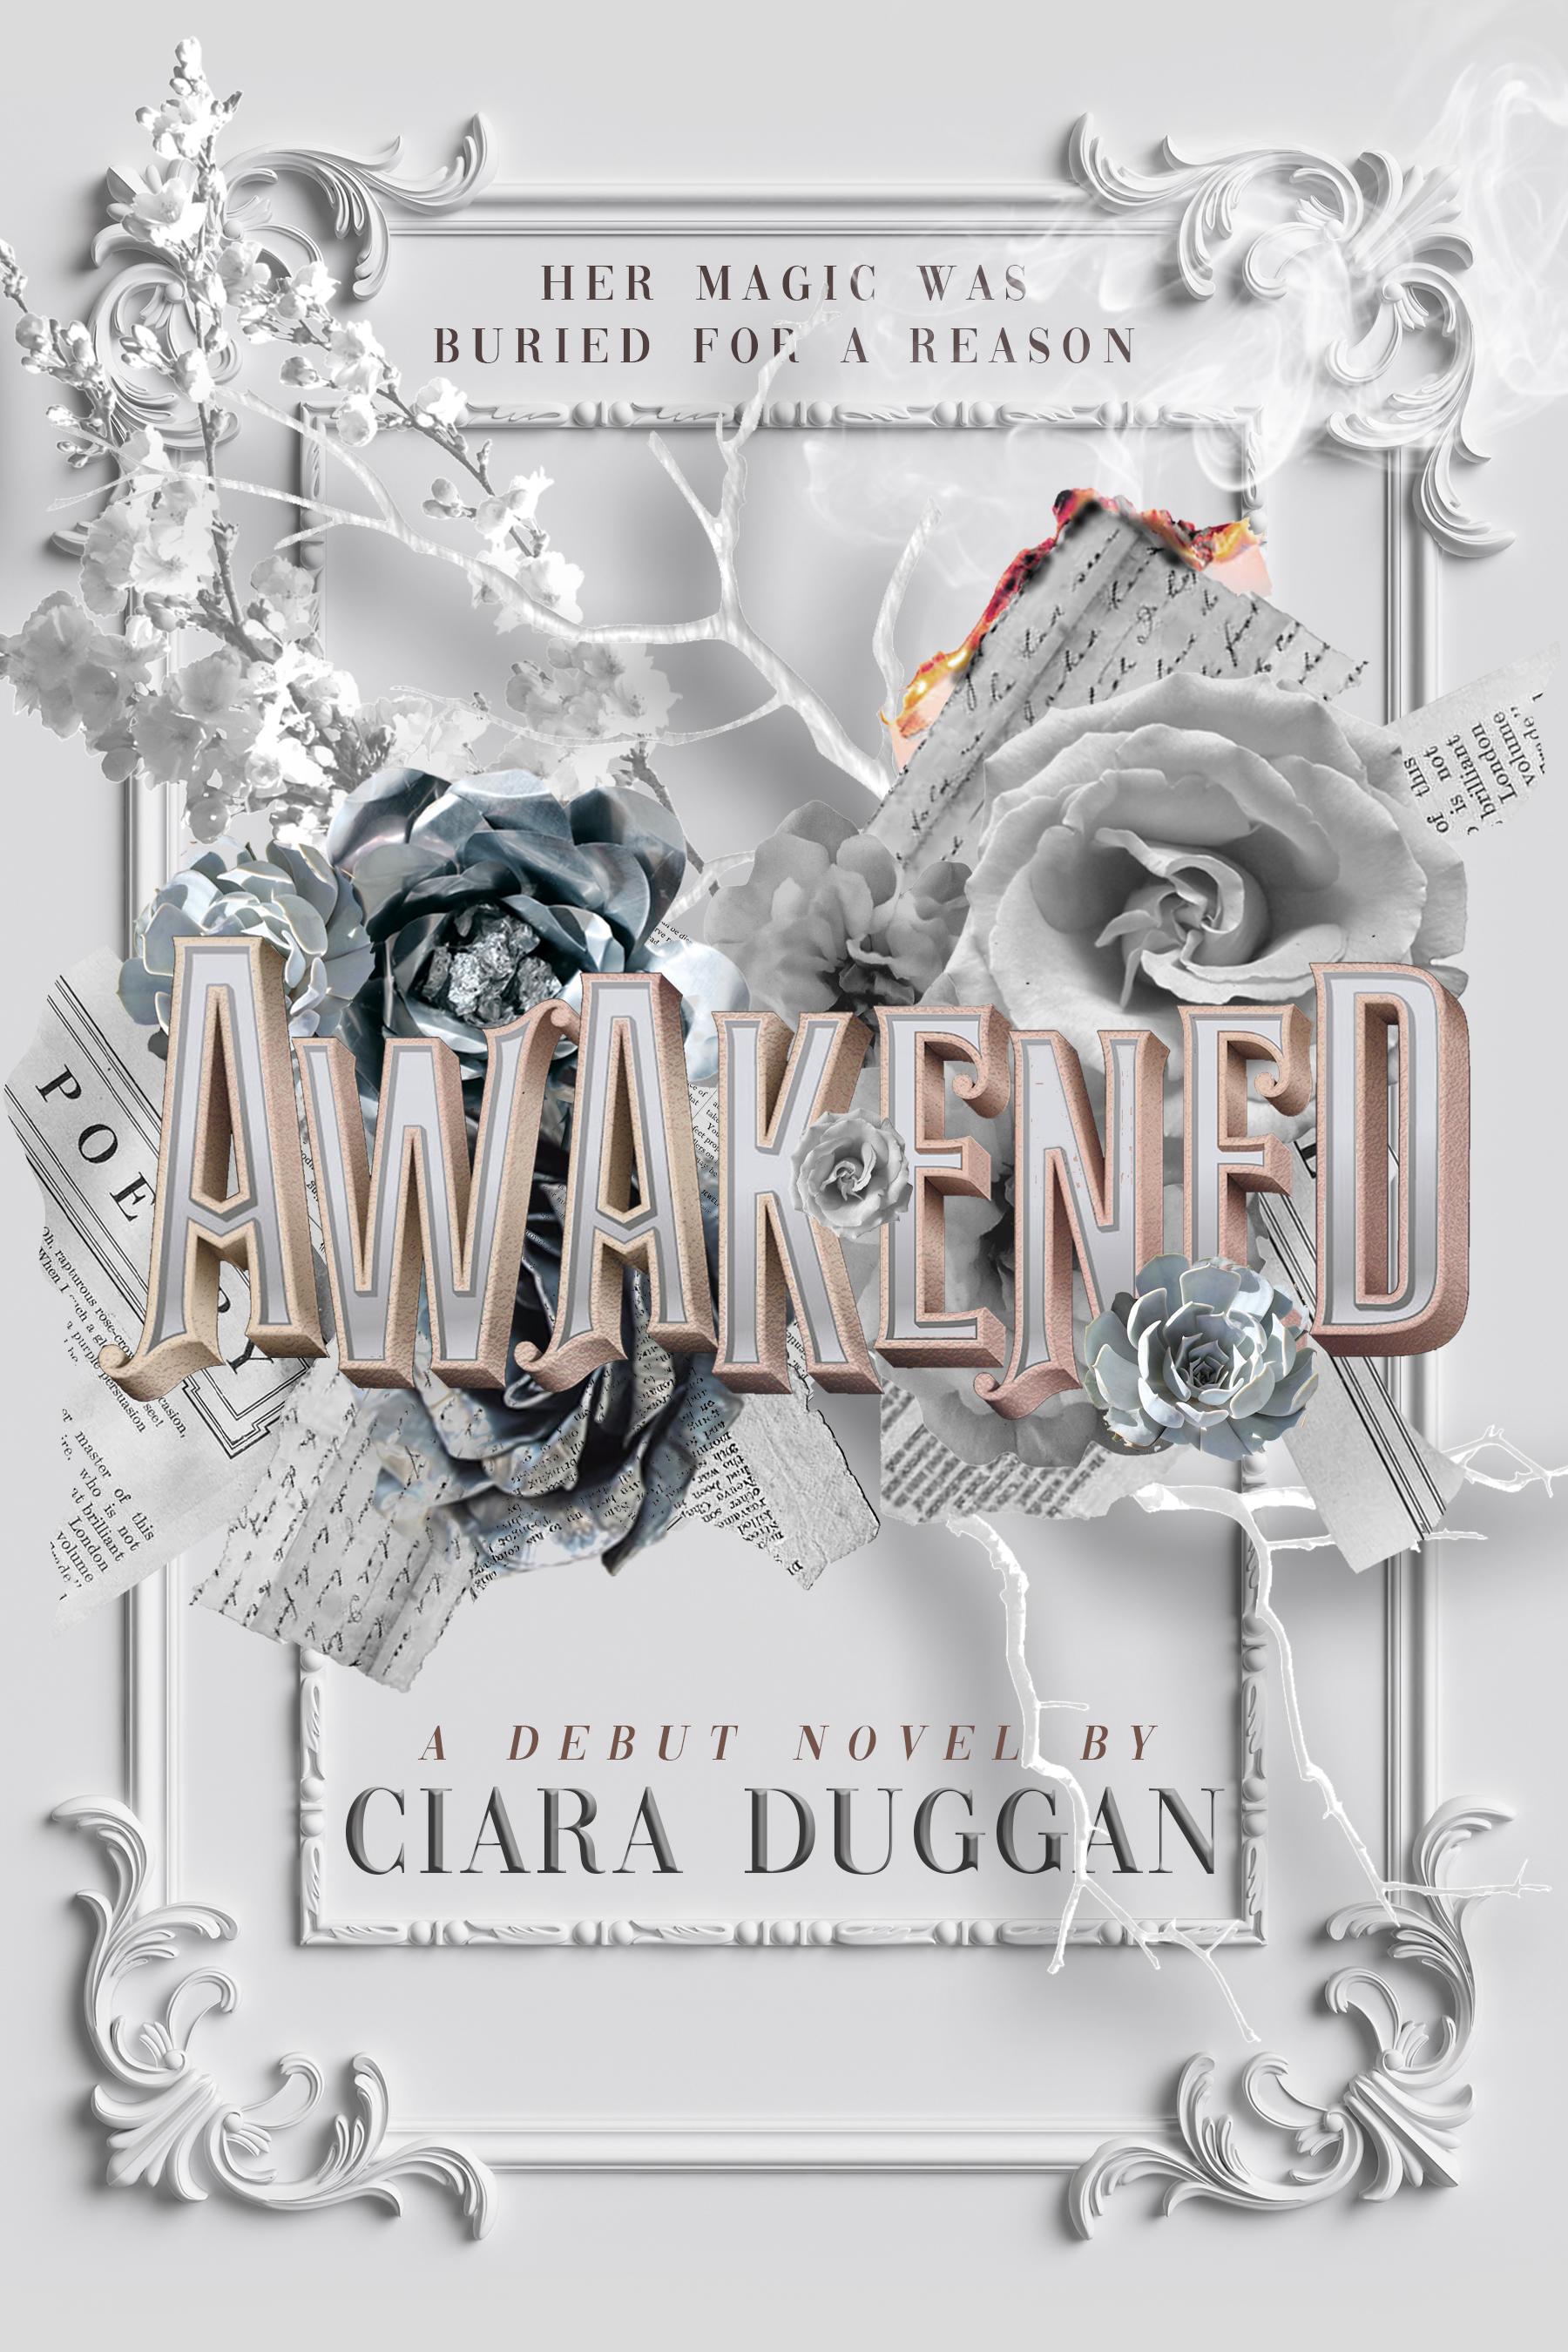 Awakened by Ciara Duggan